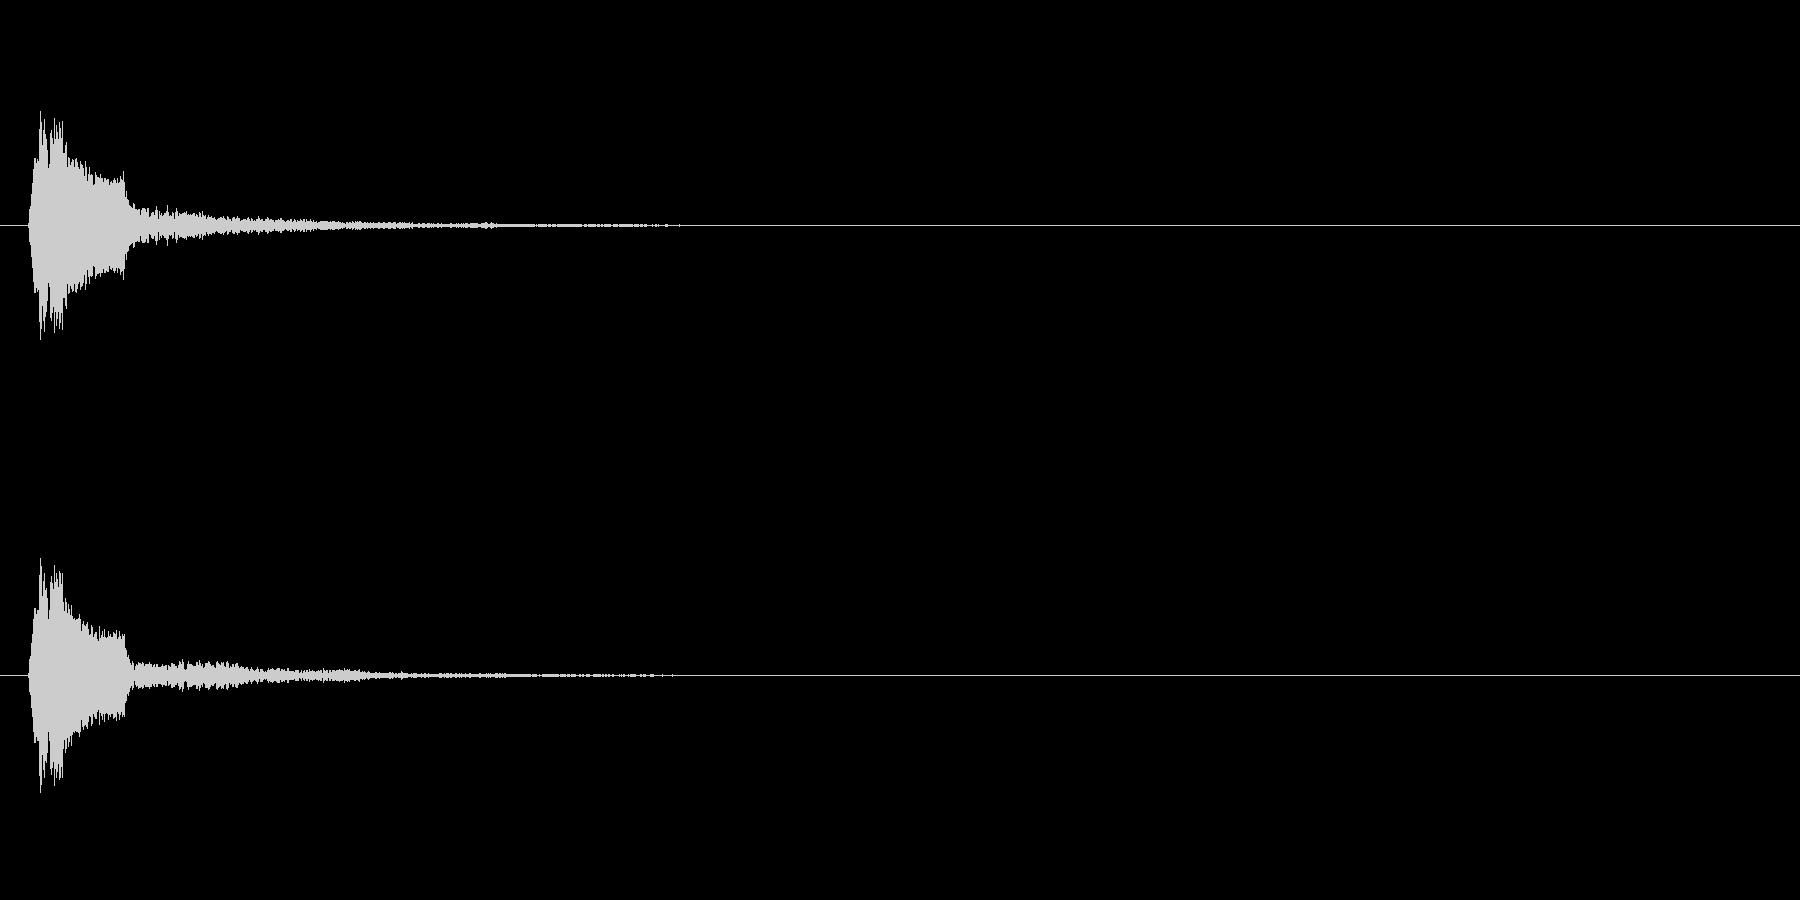 ギャン テロップ・決定音・タッチ音の未再生の波形